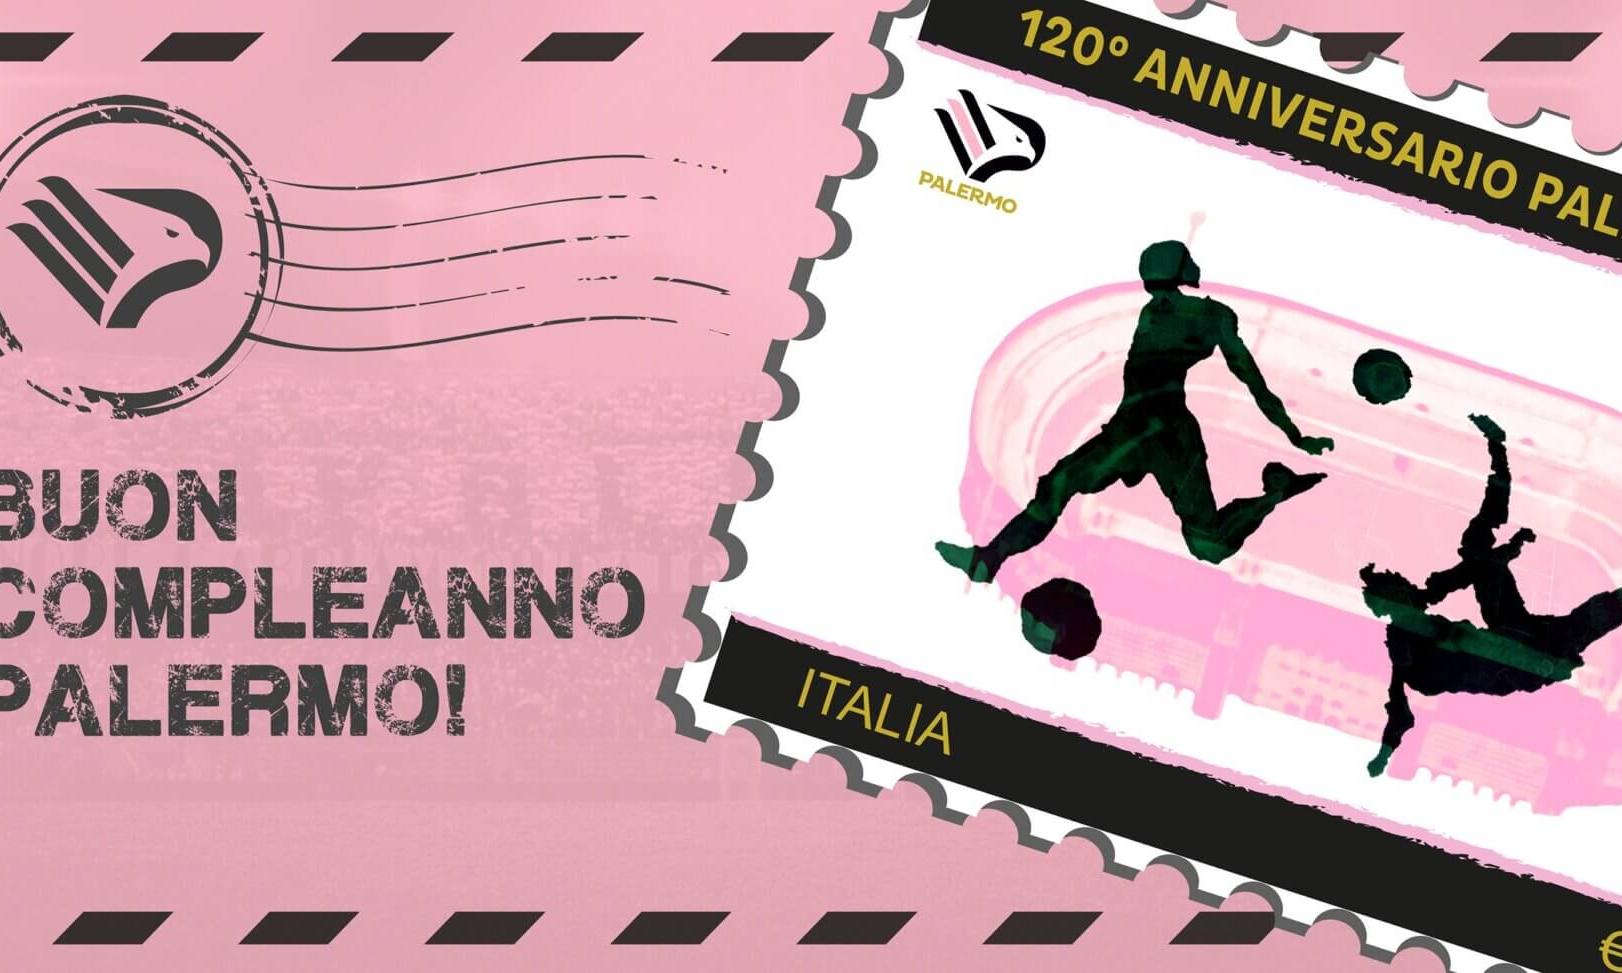 120 anni di Palermo: fra storia e ricordi di infanzia